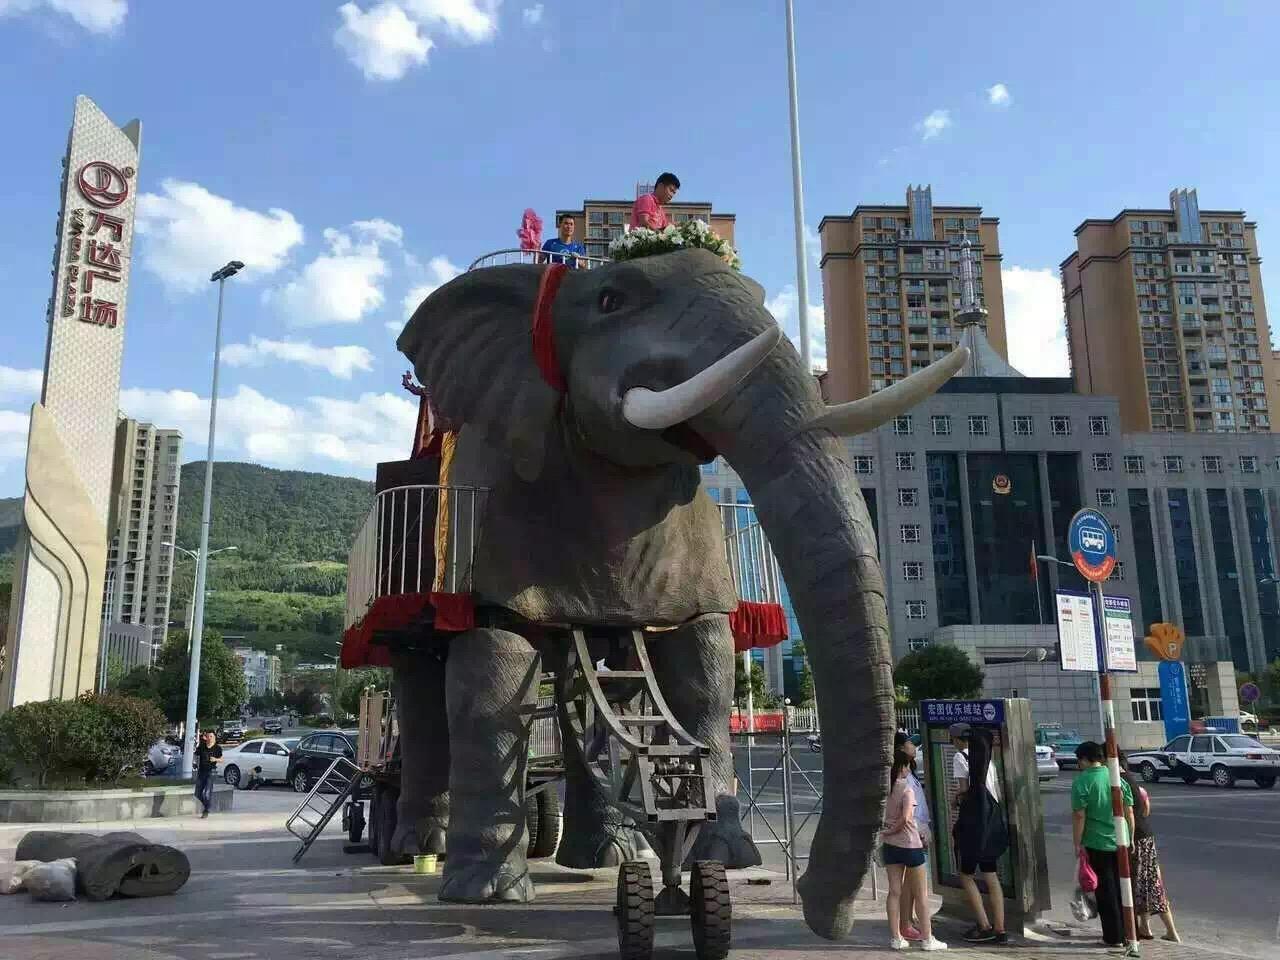 商业巡展机械大象租赁机械大象出租销售